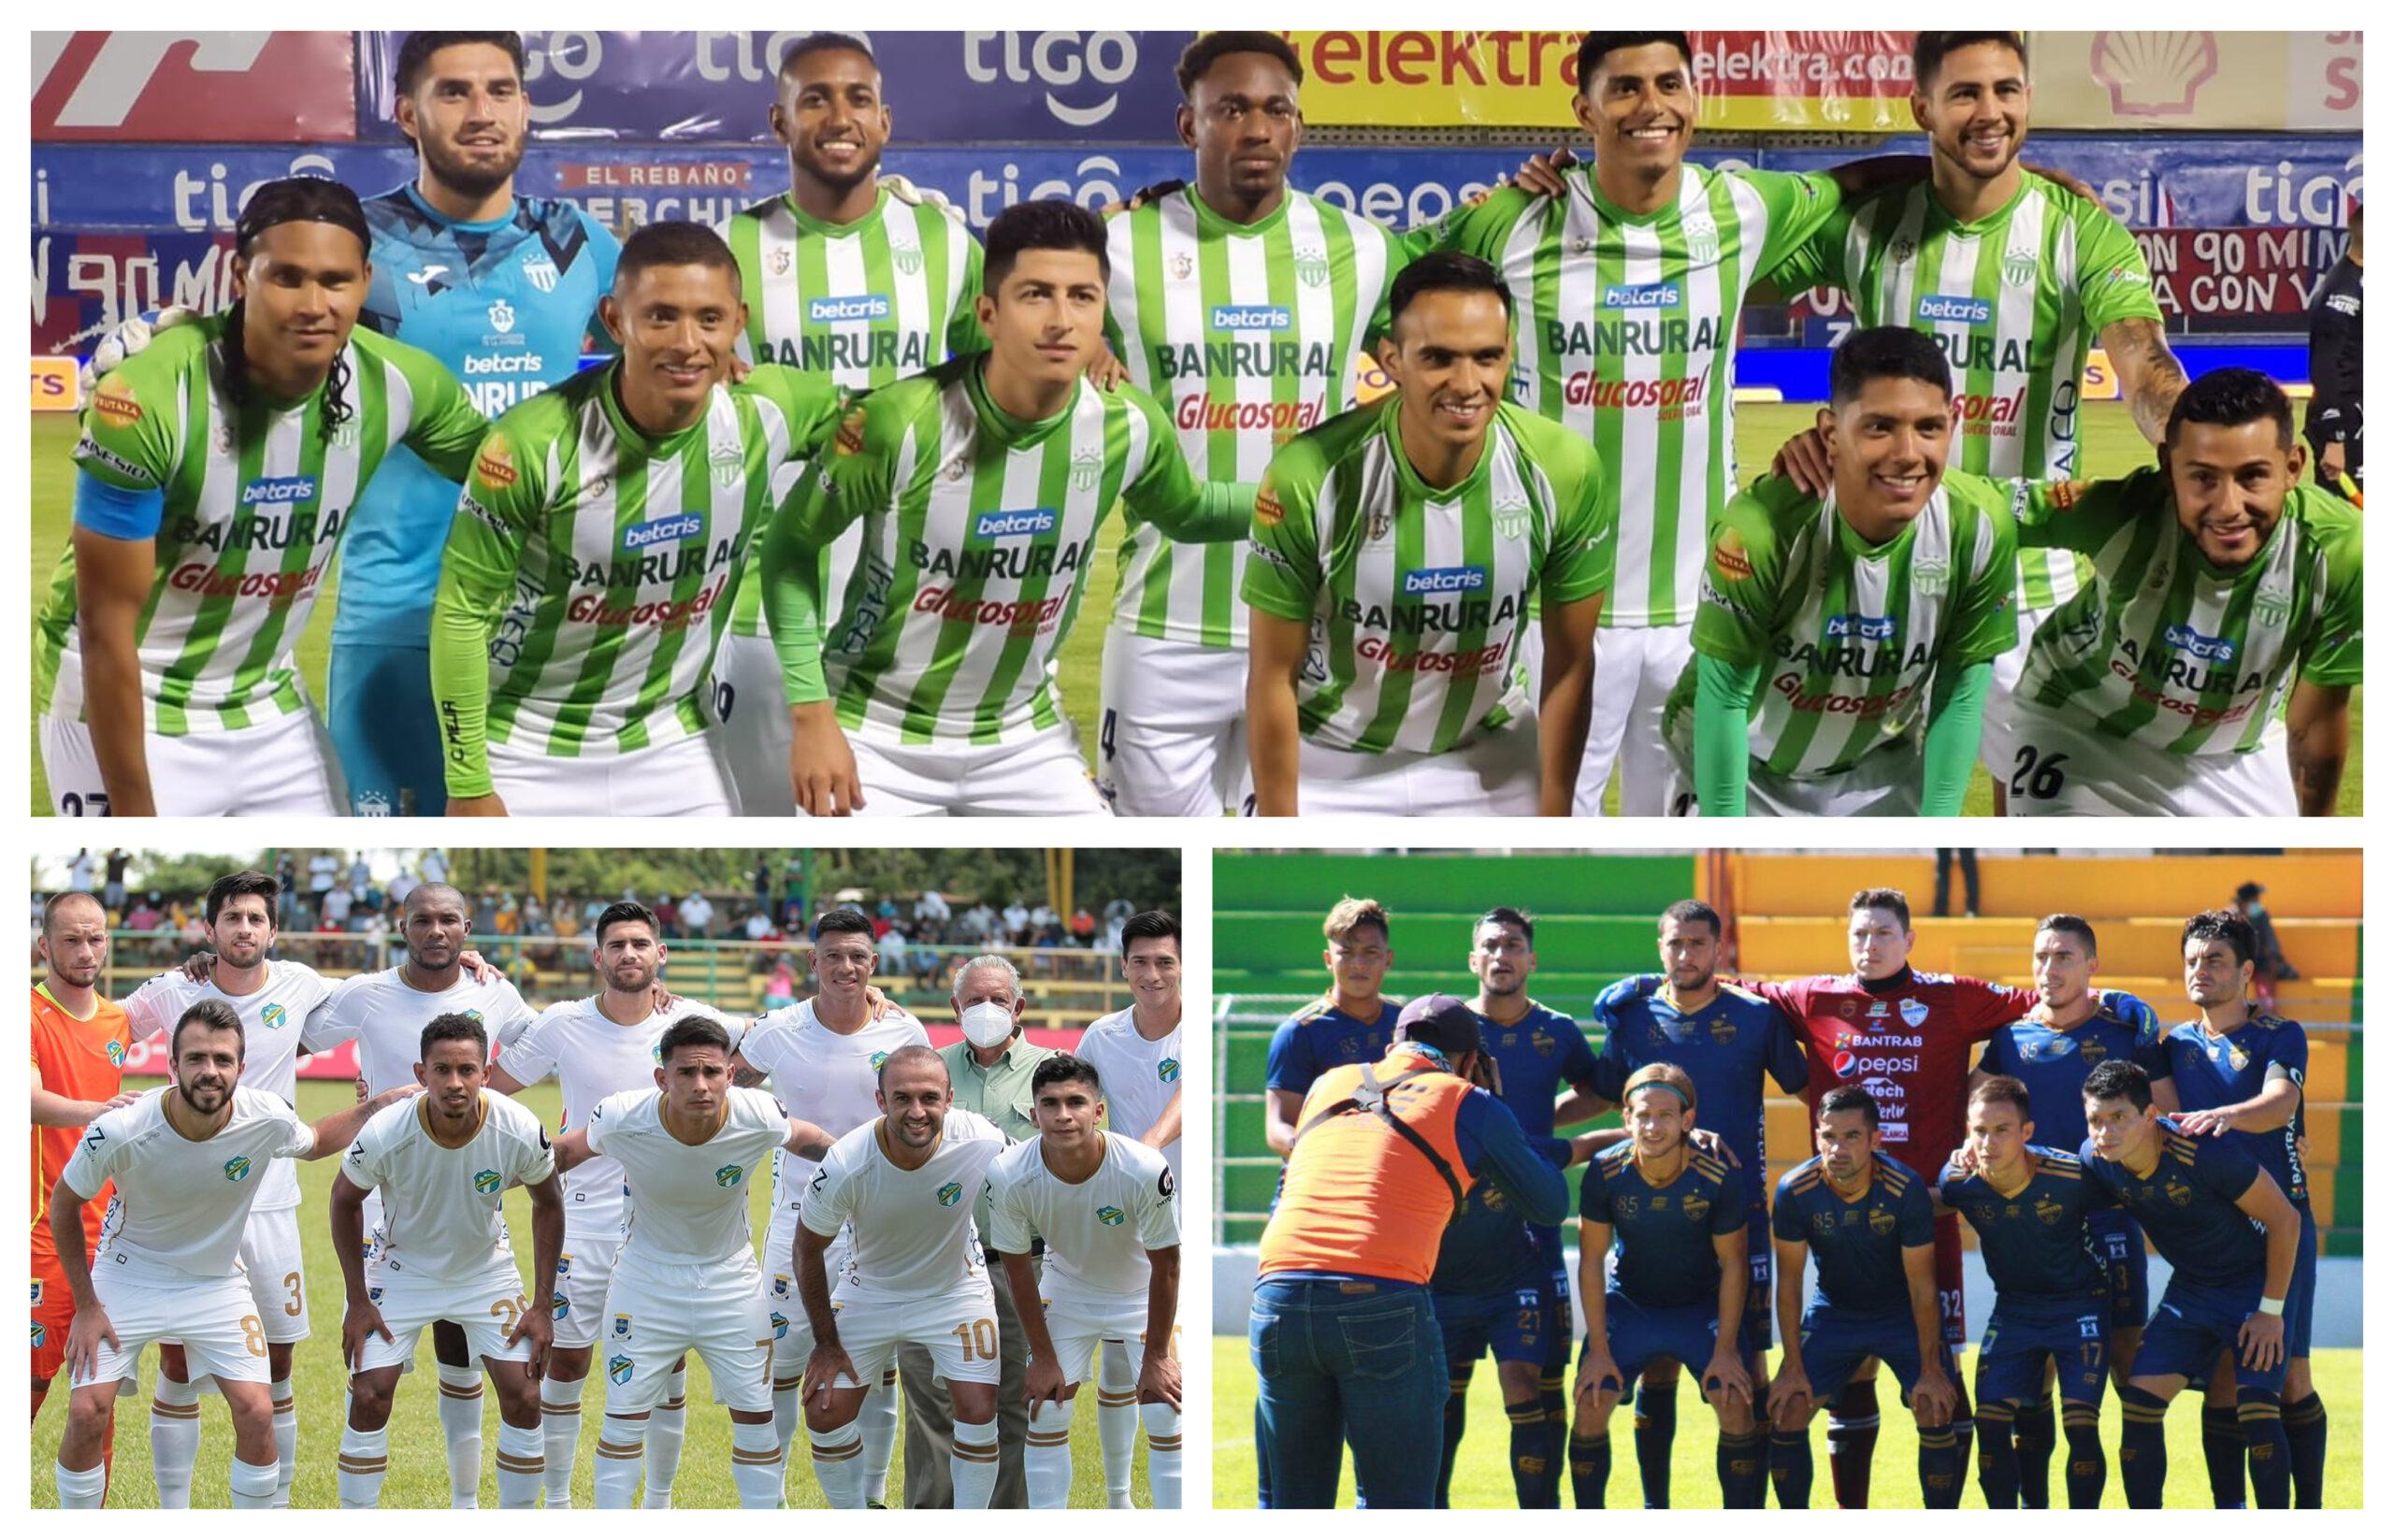 La jornada 13 del Apertura 2021 dejó los triunfos de visitante de Antigua GFC, Comunicaciones y Cobán; además de la victoria en casa de Iztapa y Malacateco y el empate de Municipal en casa.